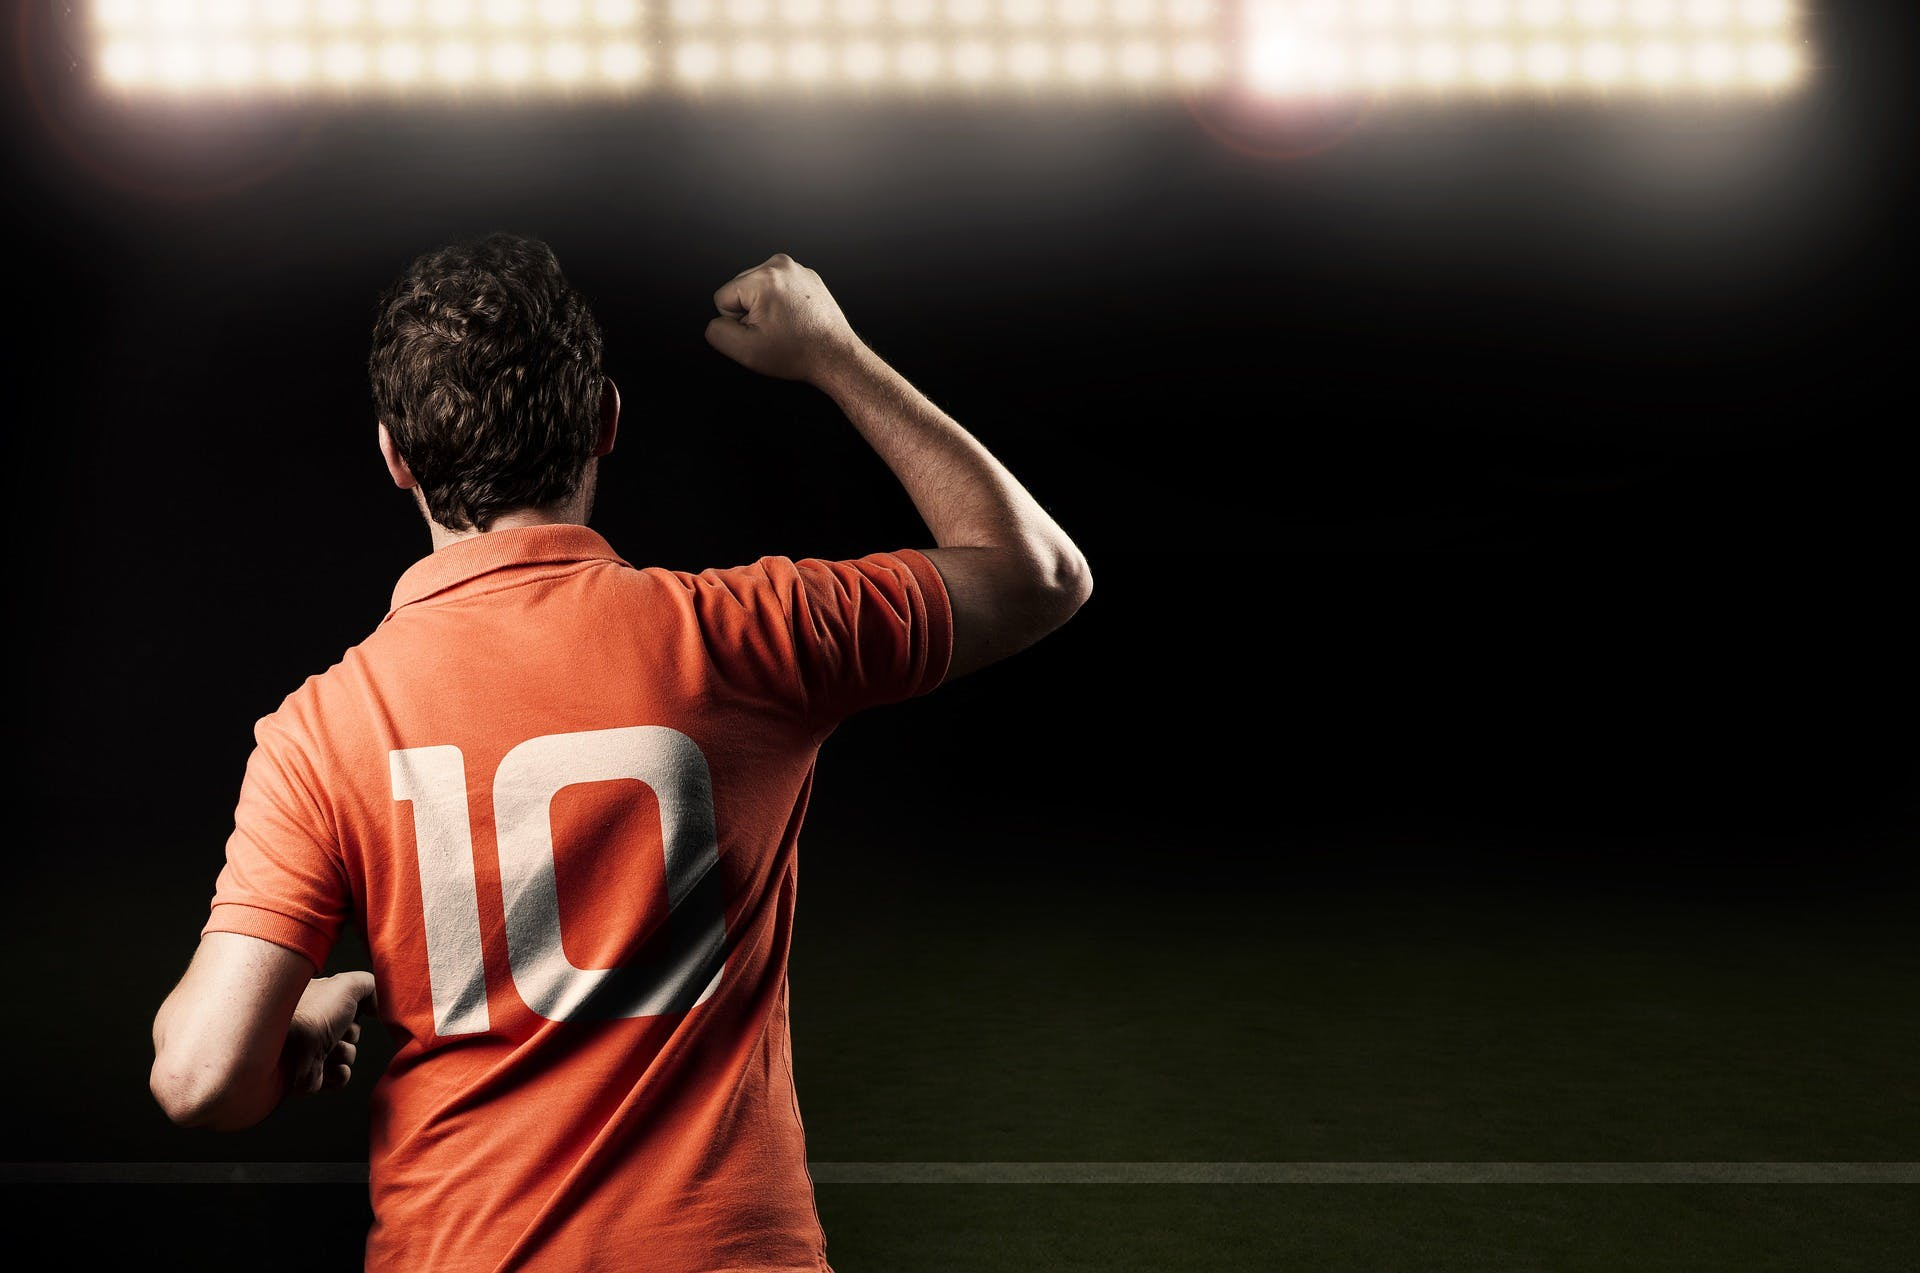 A footballer celebrates a goal